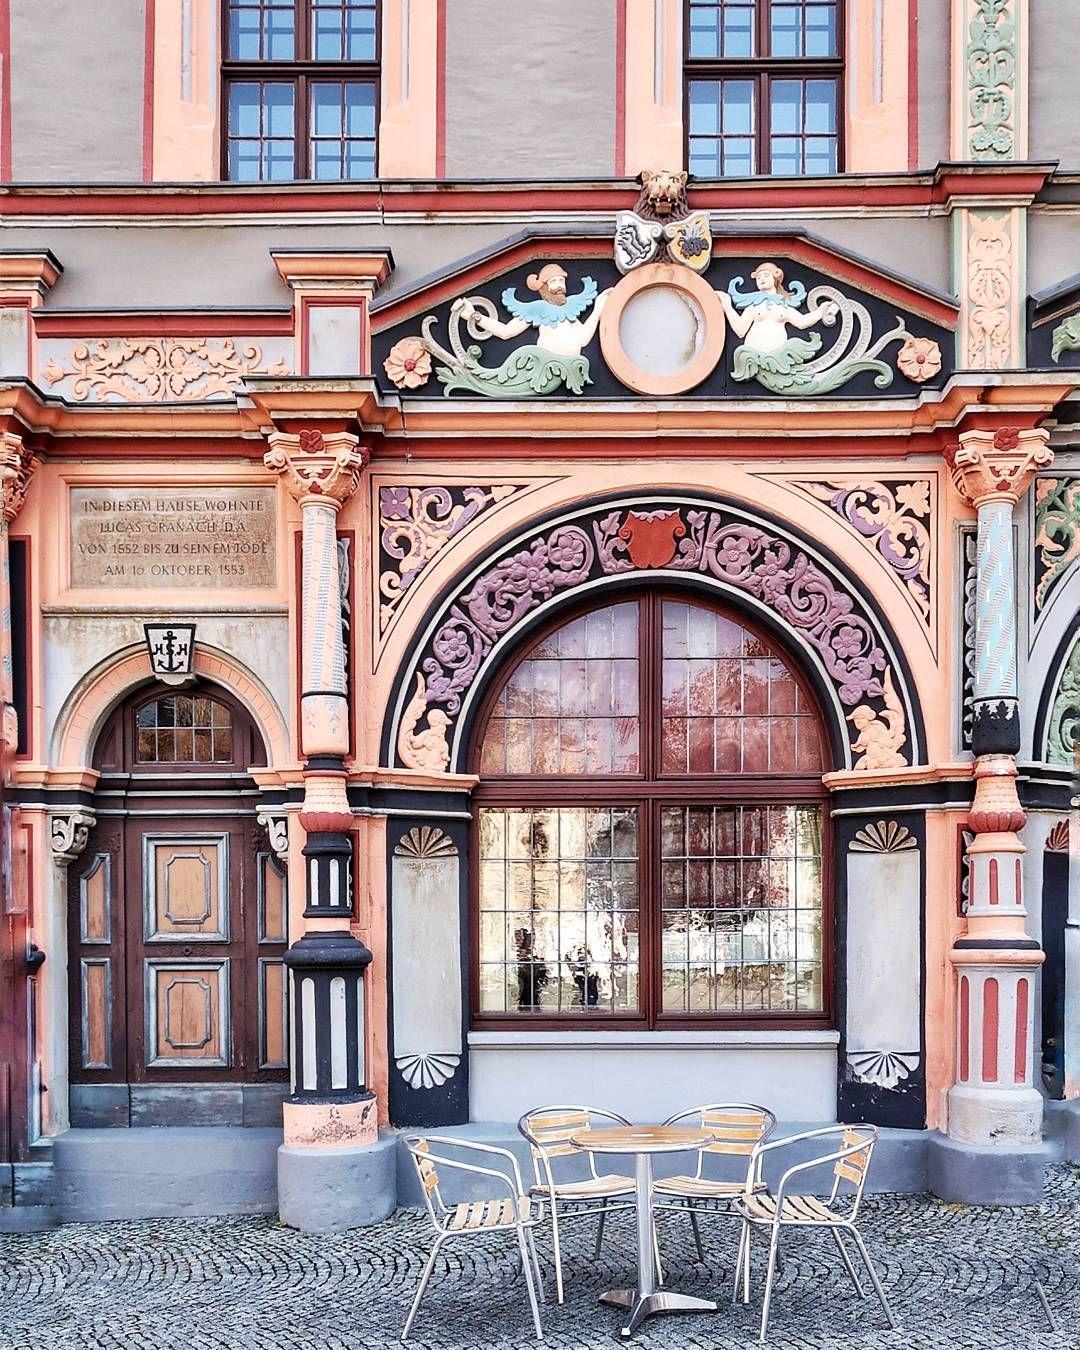 Questi Pittori Tedeschi Di Successo Che C Avevano Le Case Belle Nella Piazza Principale Della Citta Riccanza Weimar In 2020 Places To Go House Styles Weimar